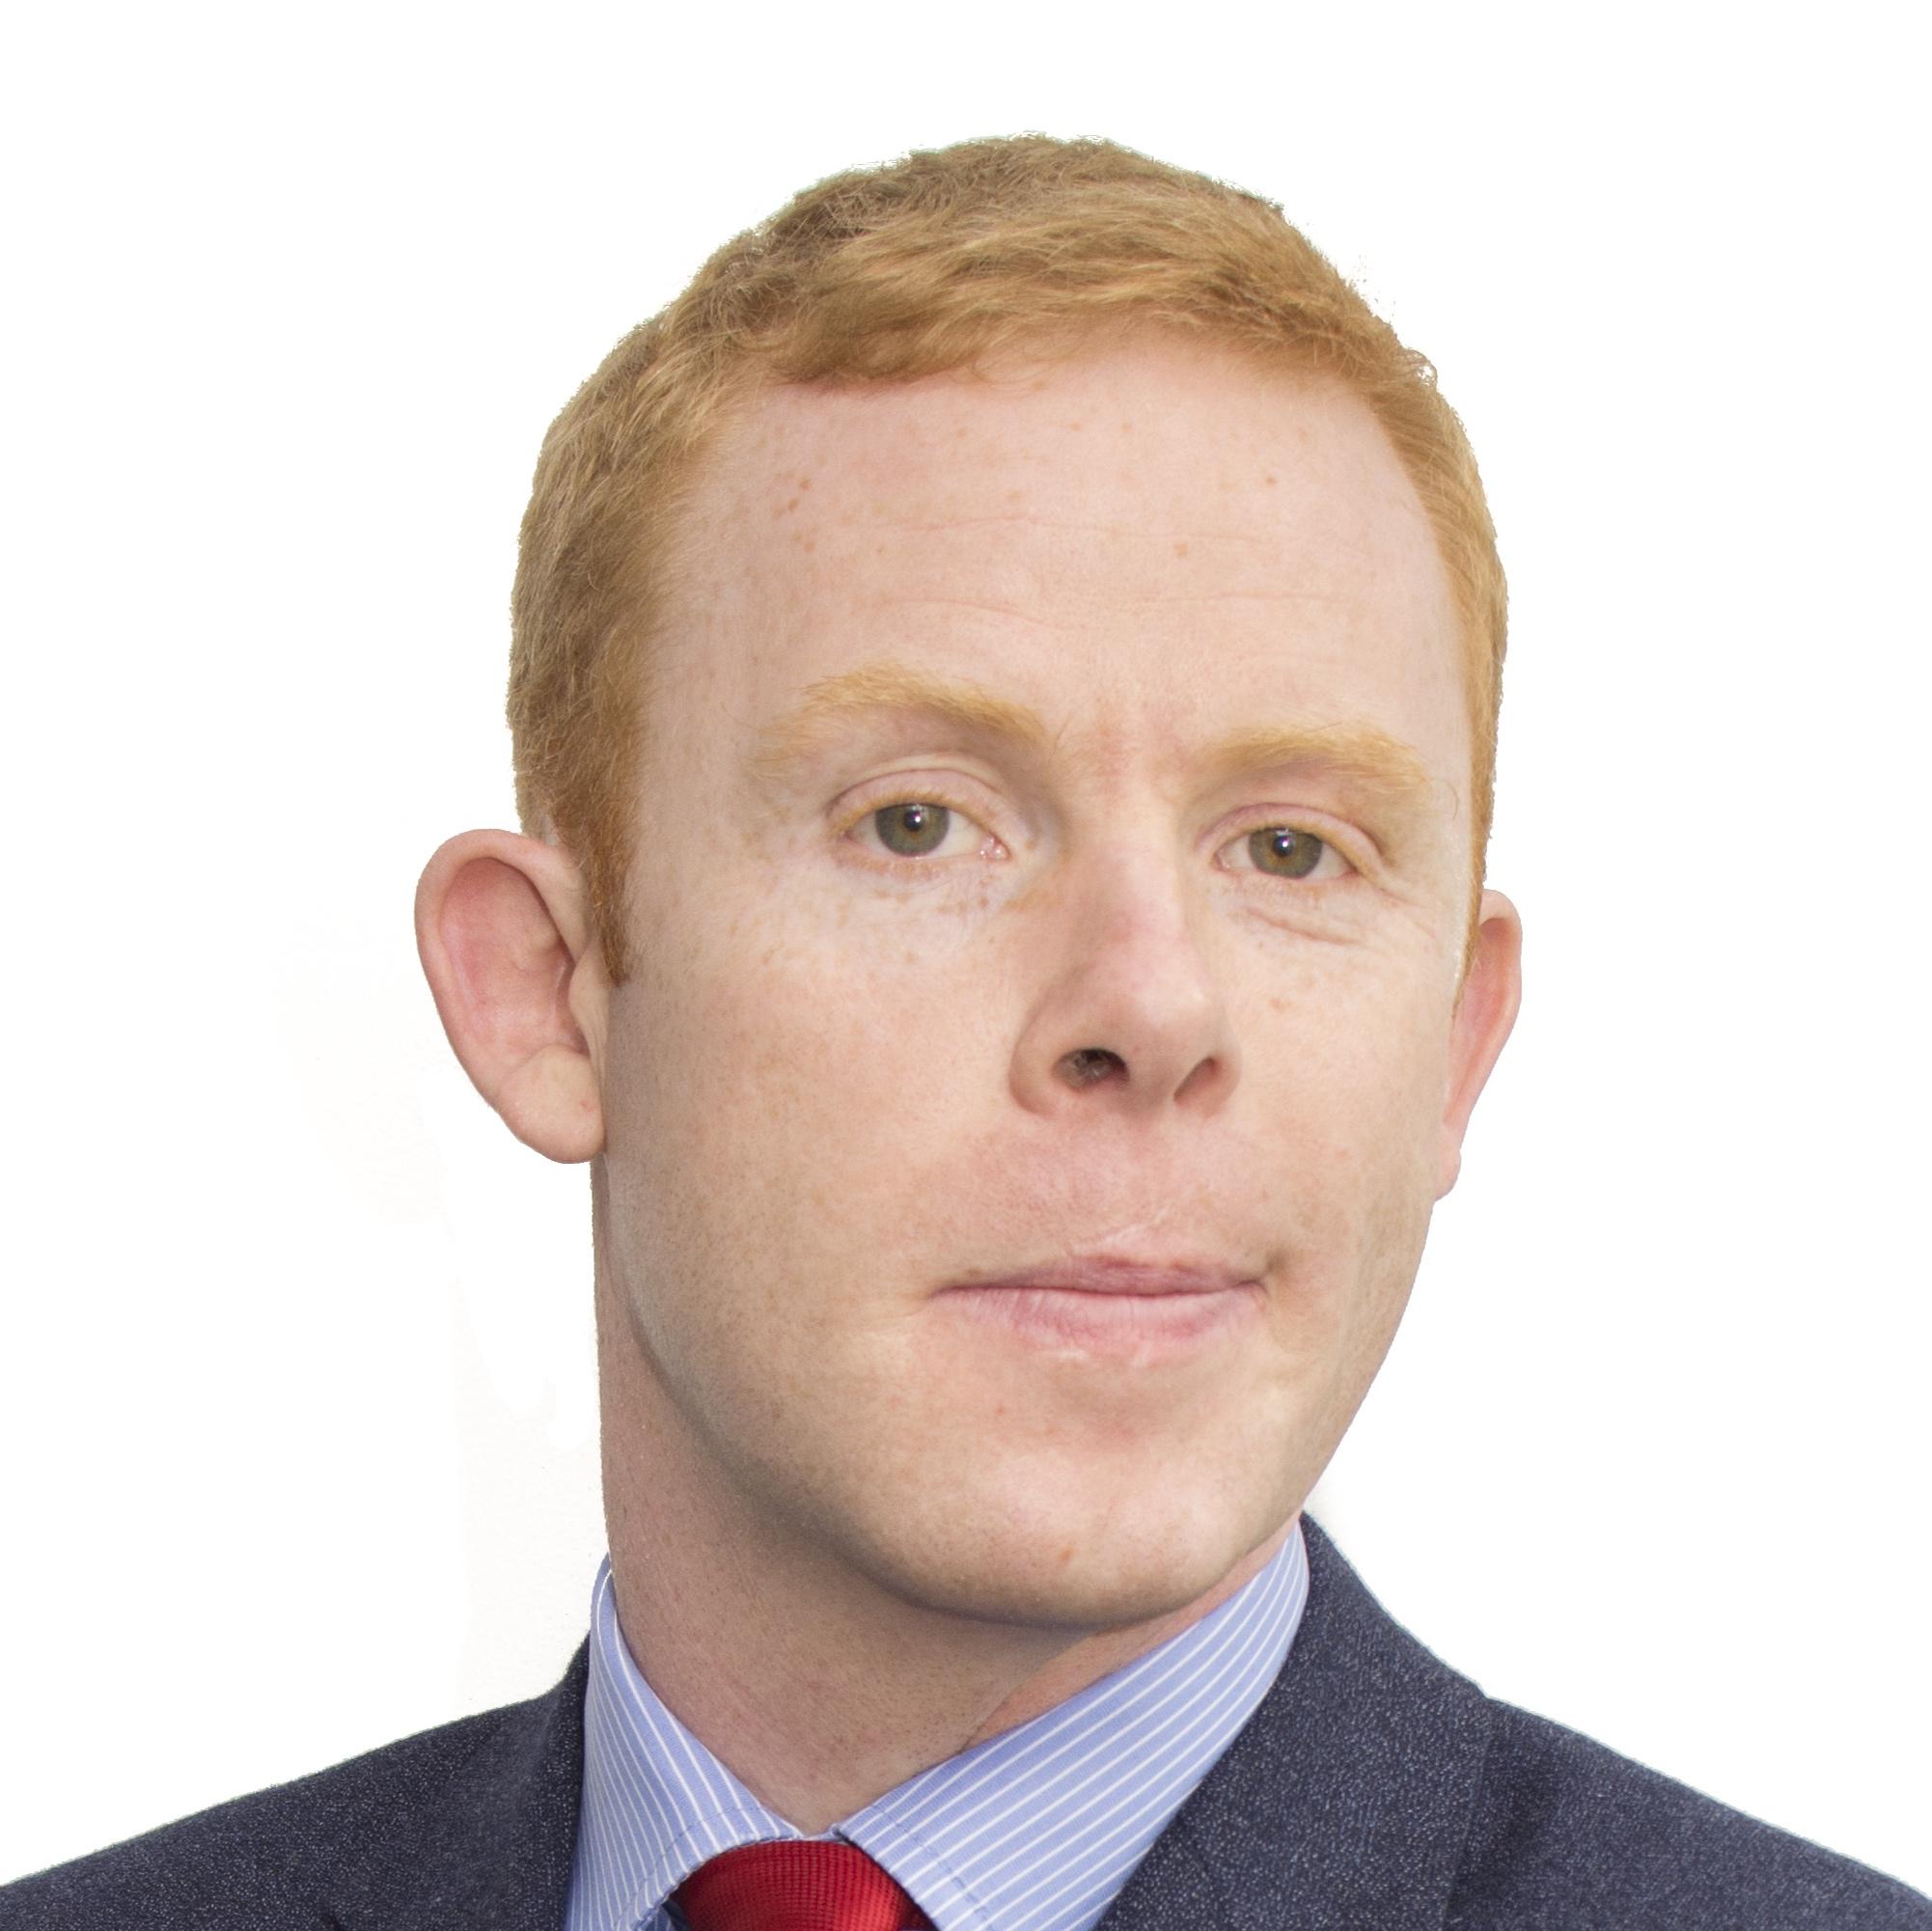 Photo of Stuart Jubb